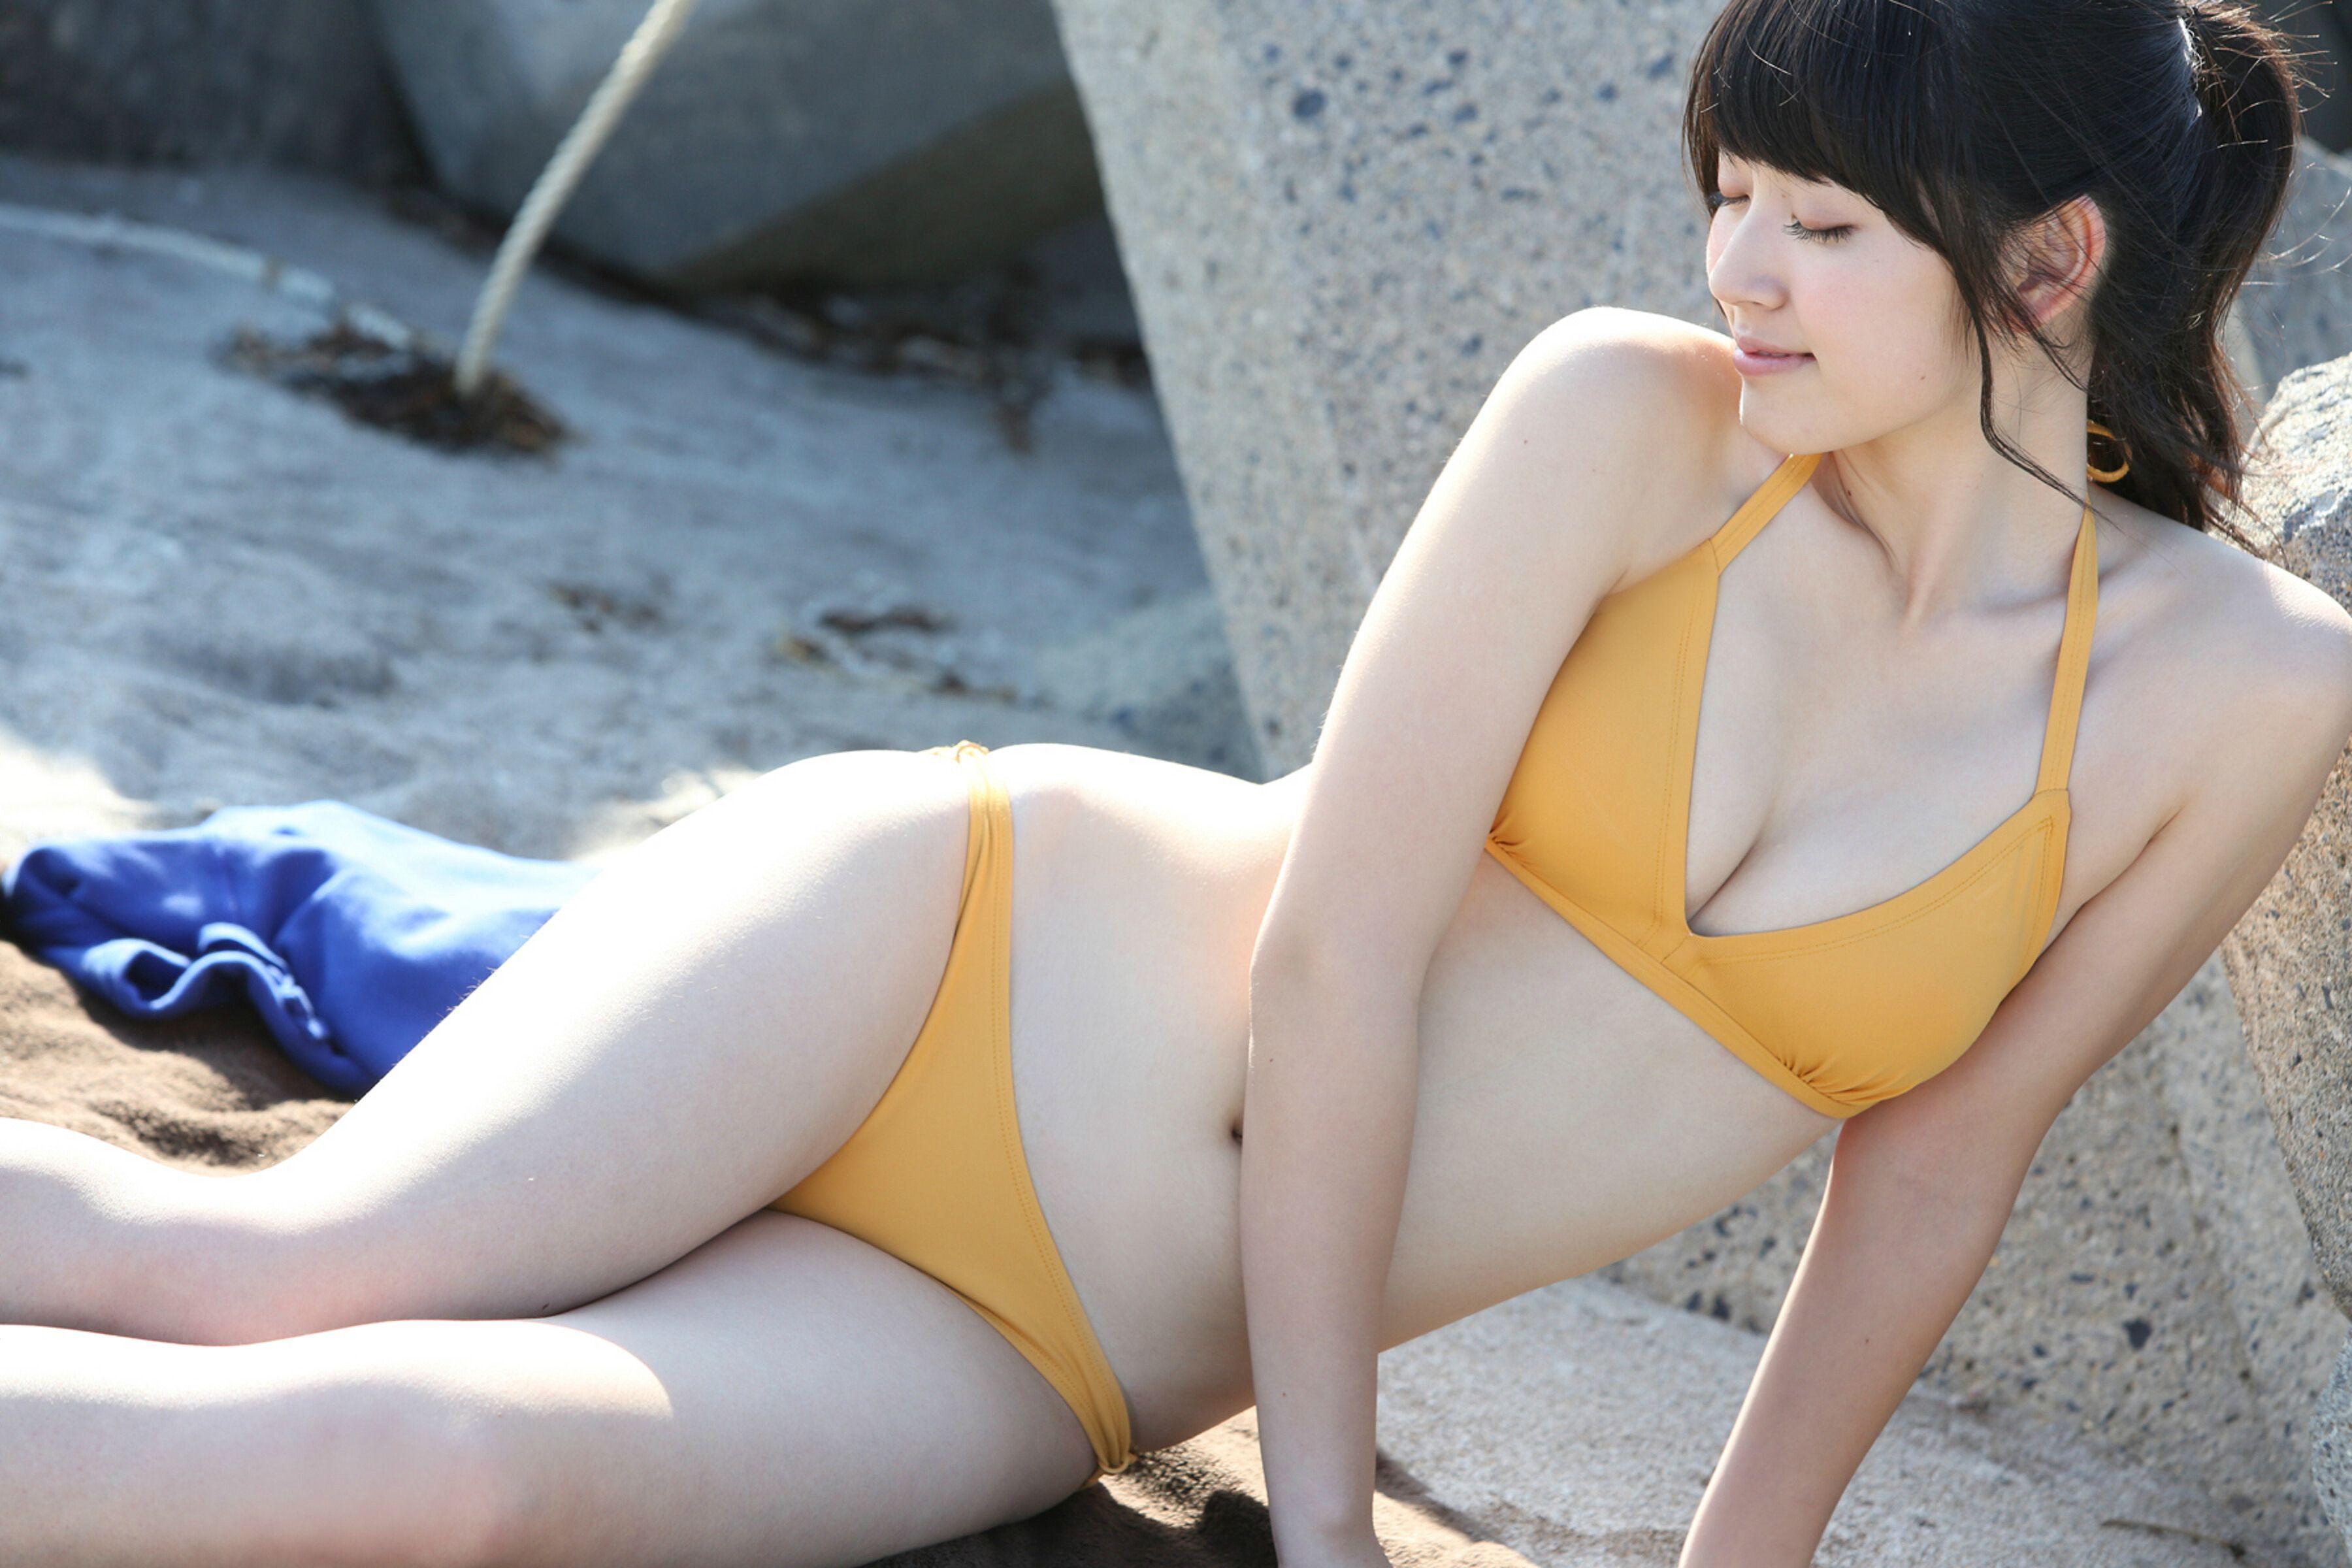 「鈴木愛理 水着」の画像検索結果